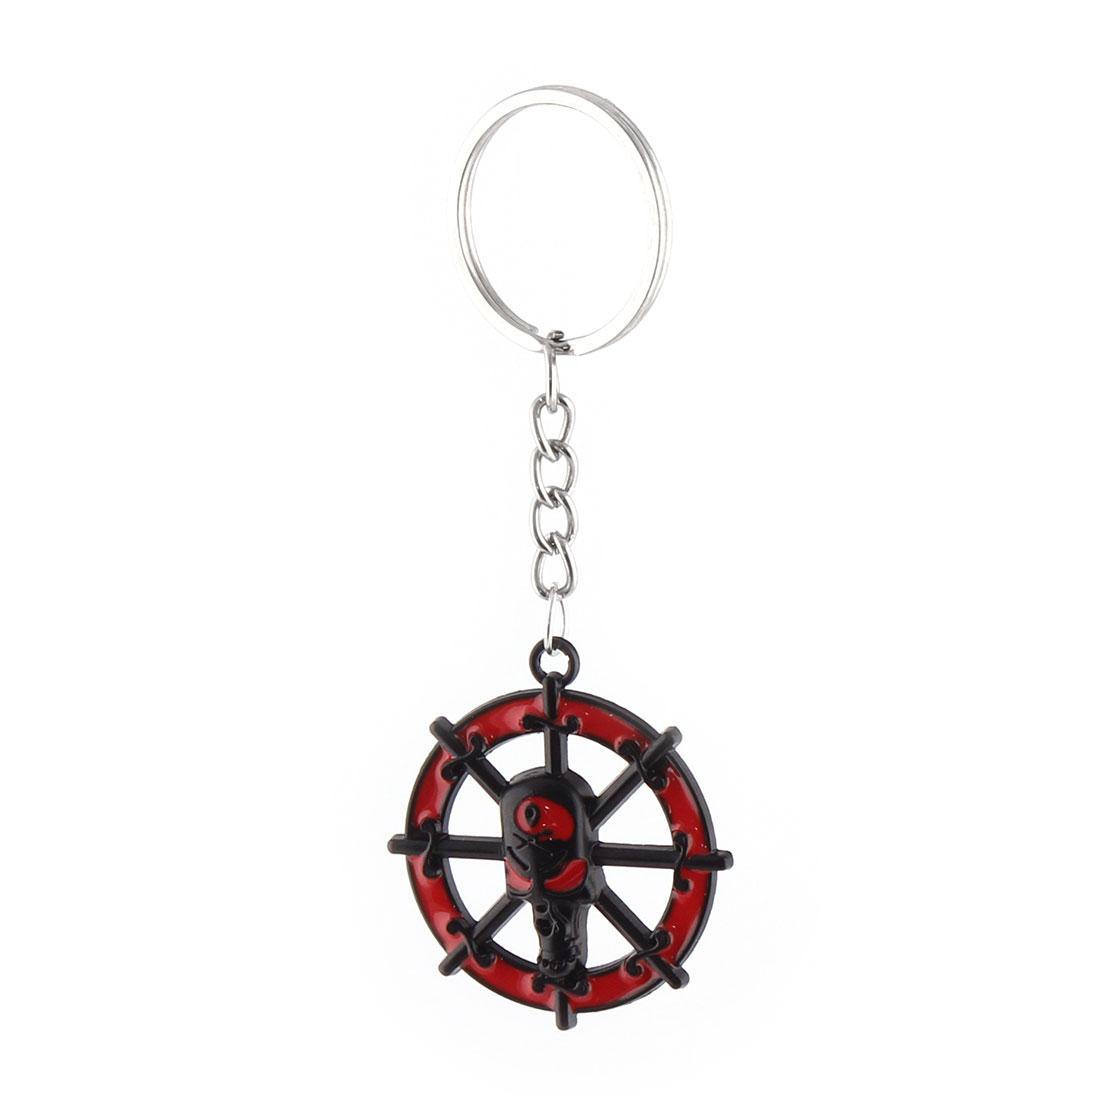 Ship Wheel Design Pendant Split Ring Key Chain Handbag Backpack Ornament